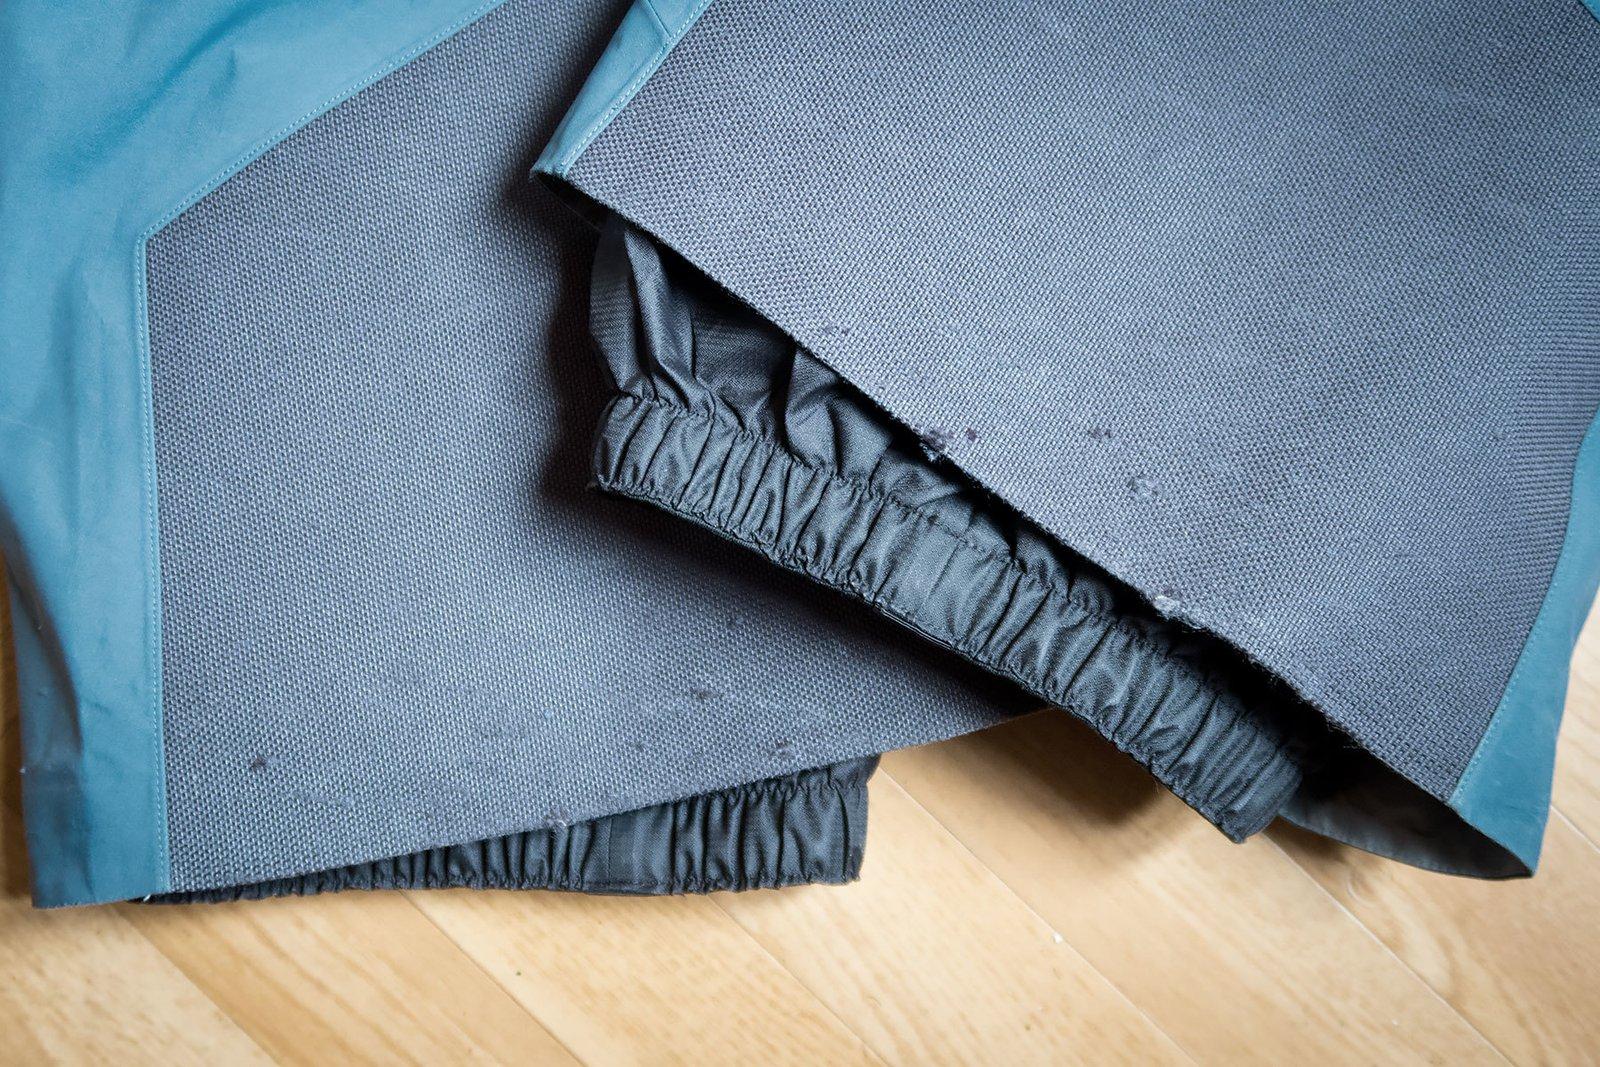 Arcteryx pants detail